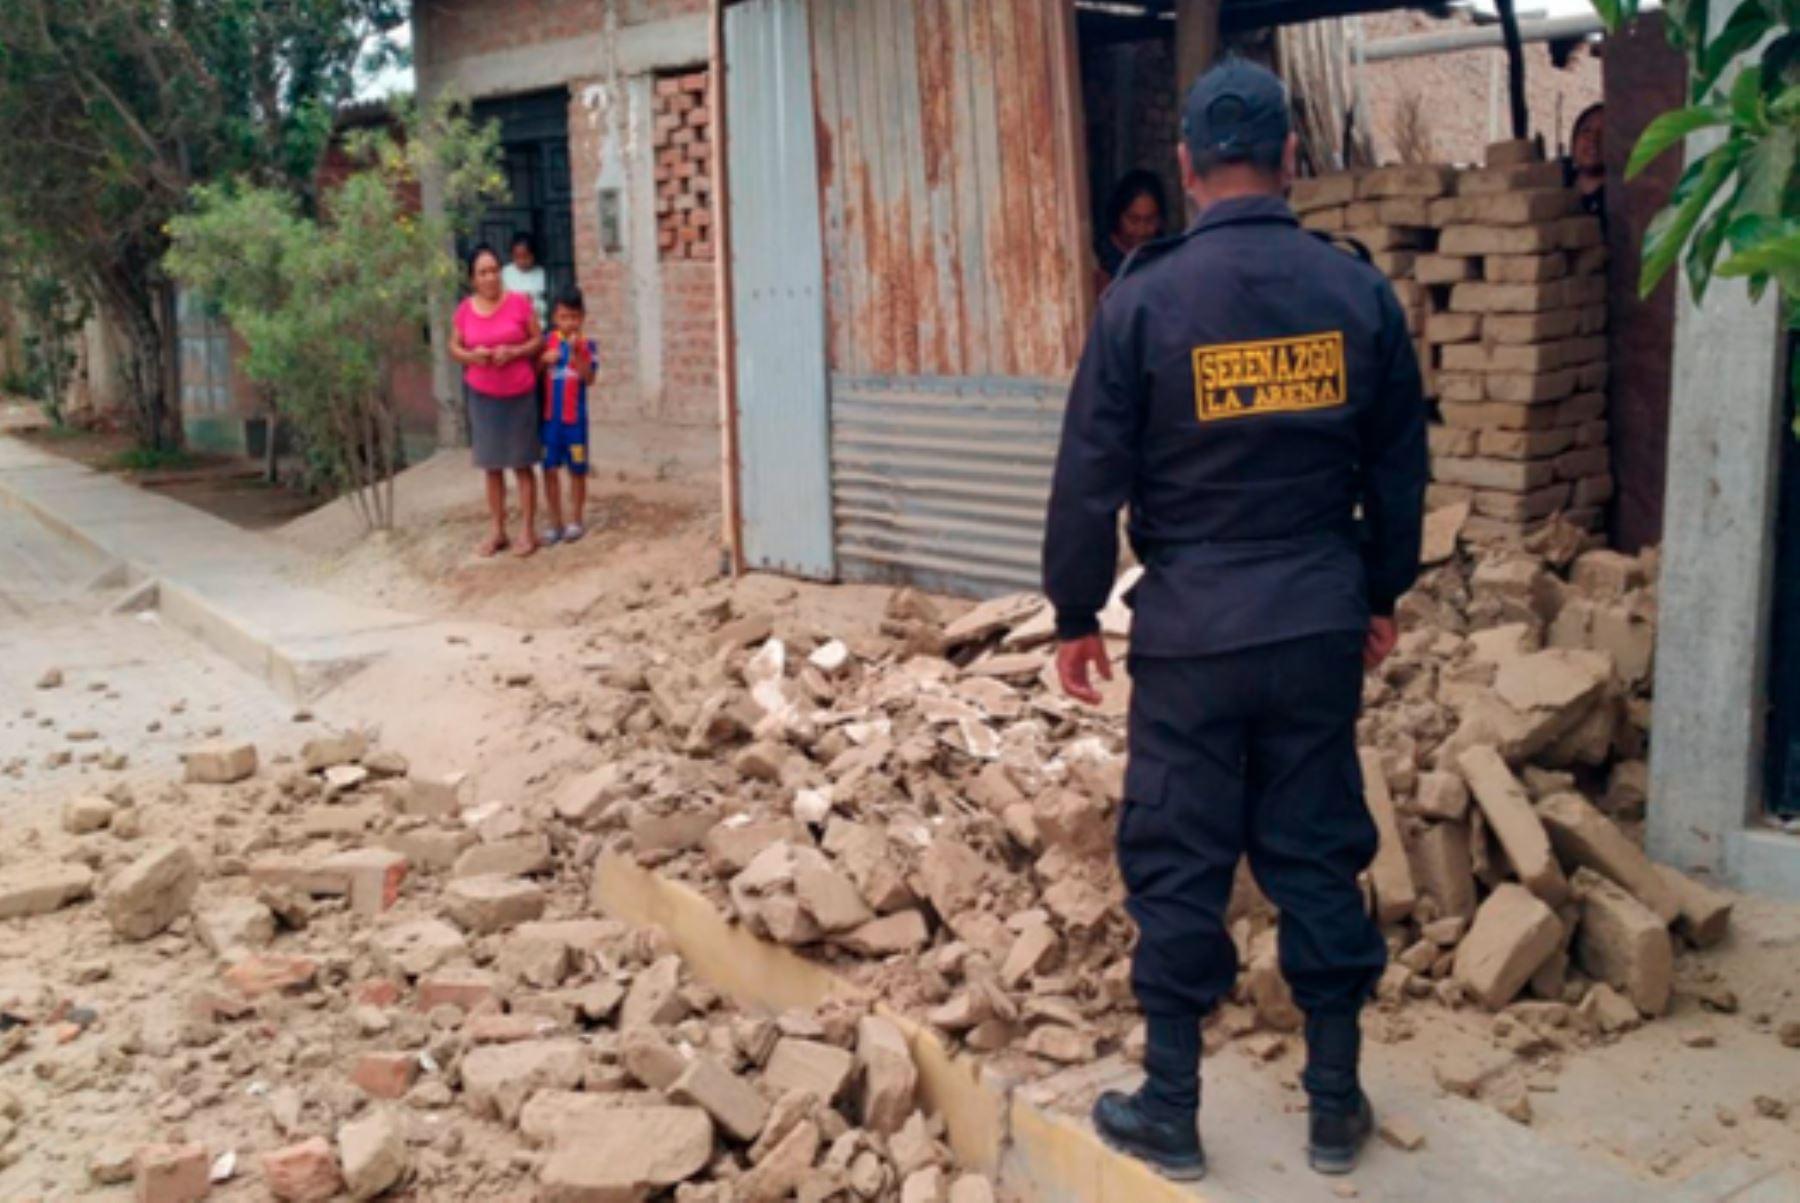 El epicentro del sismo de magnitud 6.1 se situó a 12 kilómetros de la ciudad de Sullana, región Piura. Foto: ANDINA/Cenepred